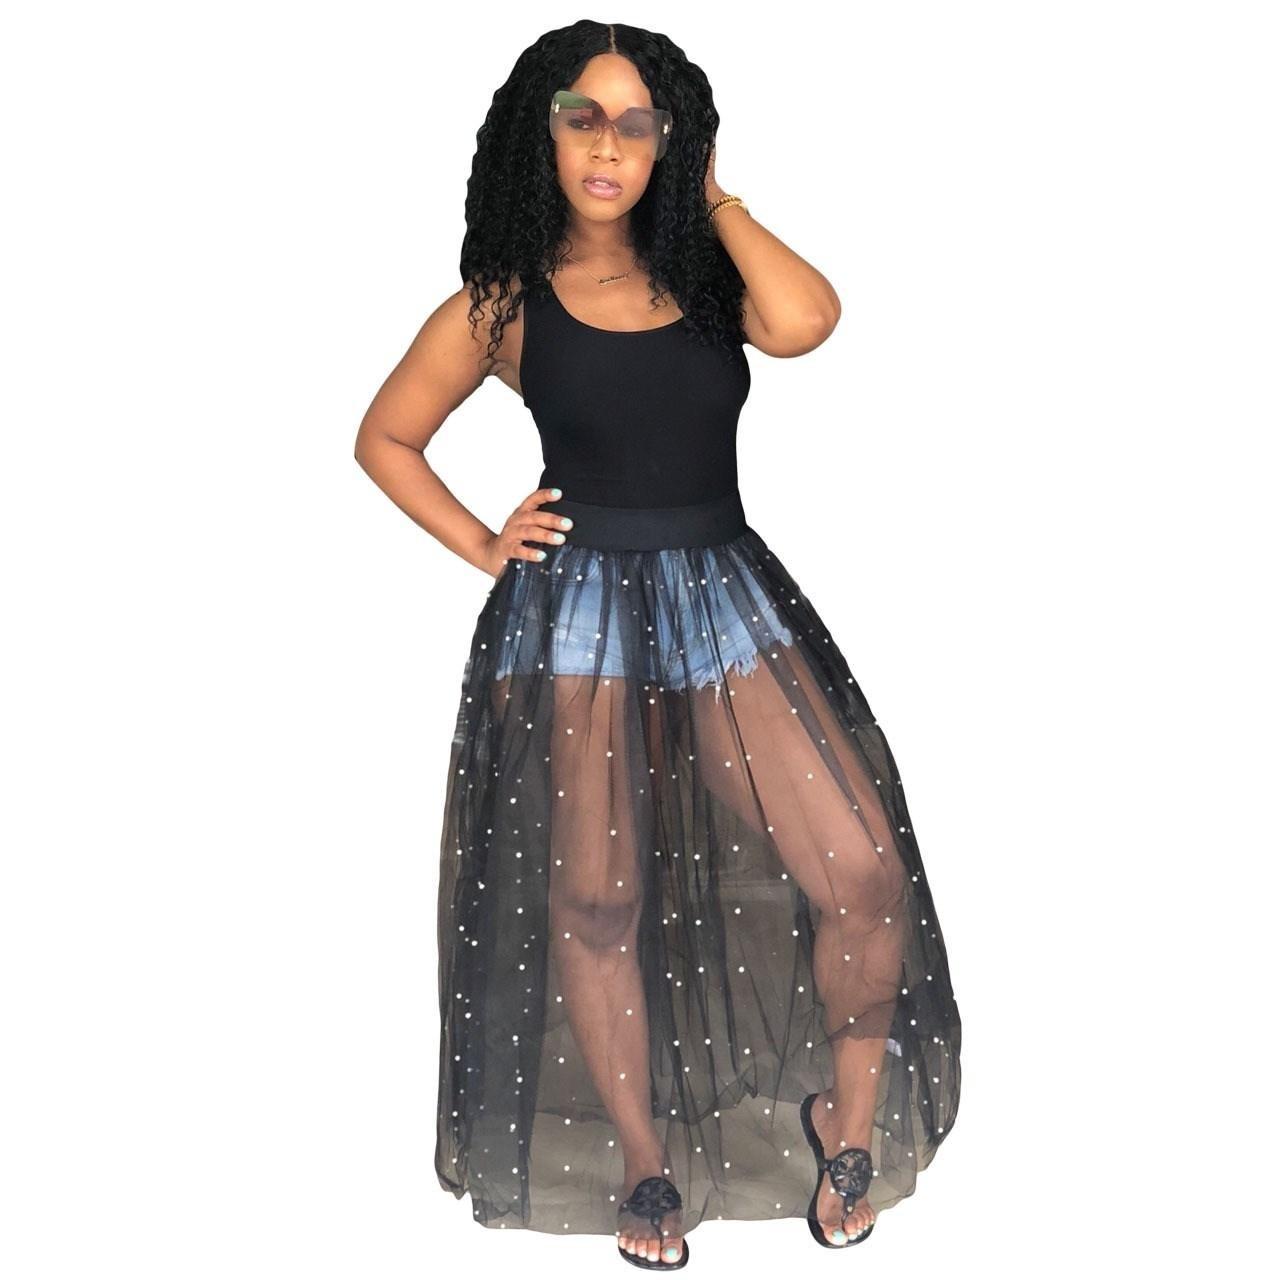 15 Einzigartig Sommerkleid Schwarz Design20 Spektakulär Sommerkleid Schwarz Spezialgebiet